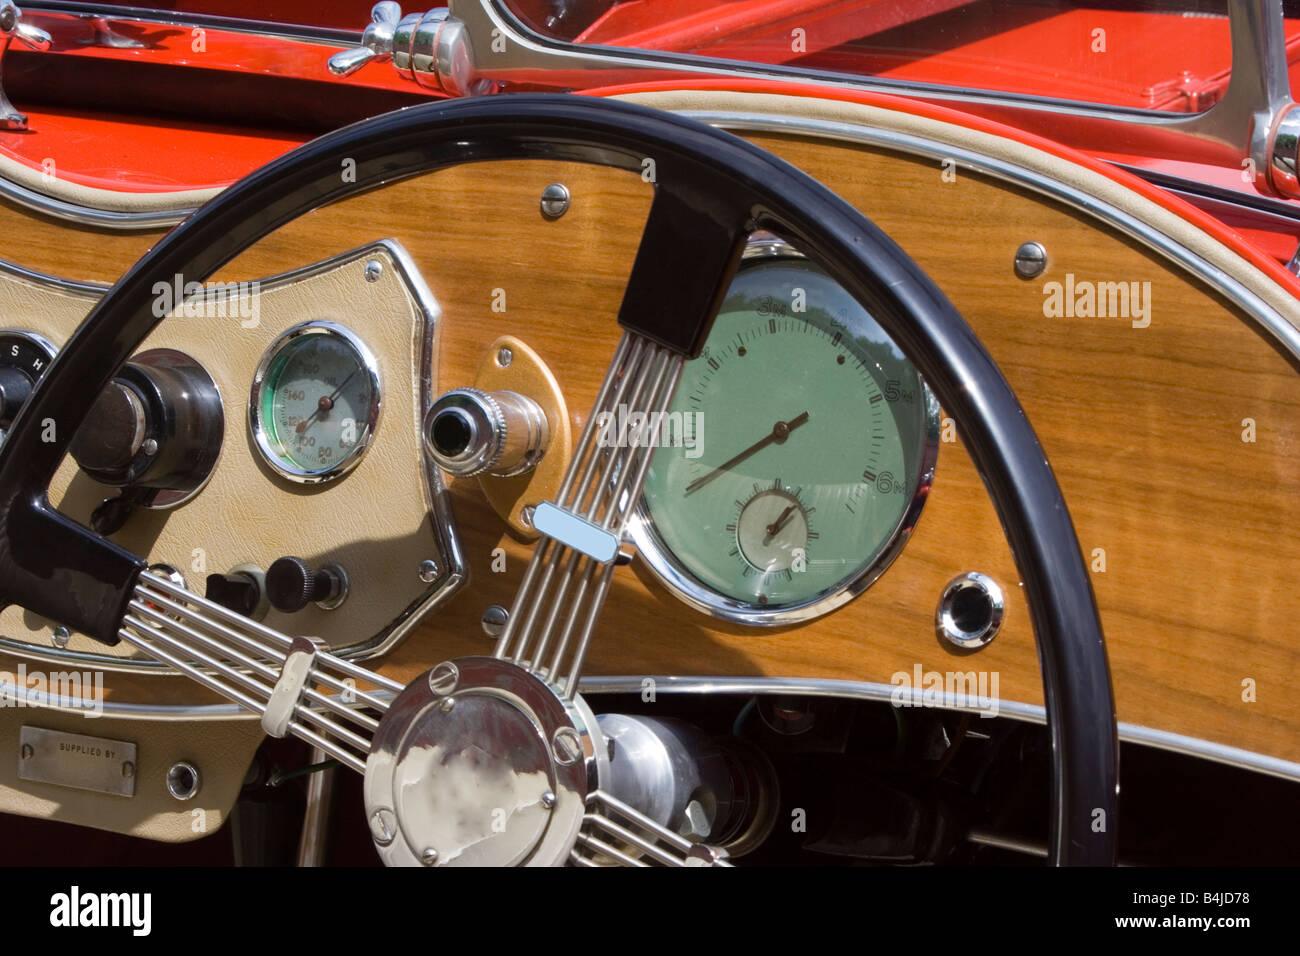 Armaturenbrett oldtimer  Oldtimer MG britische Armaturenbrett und Lenkrad Closeup Stockfoto ...